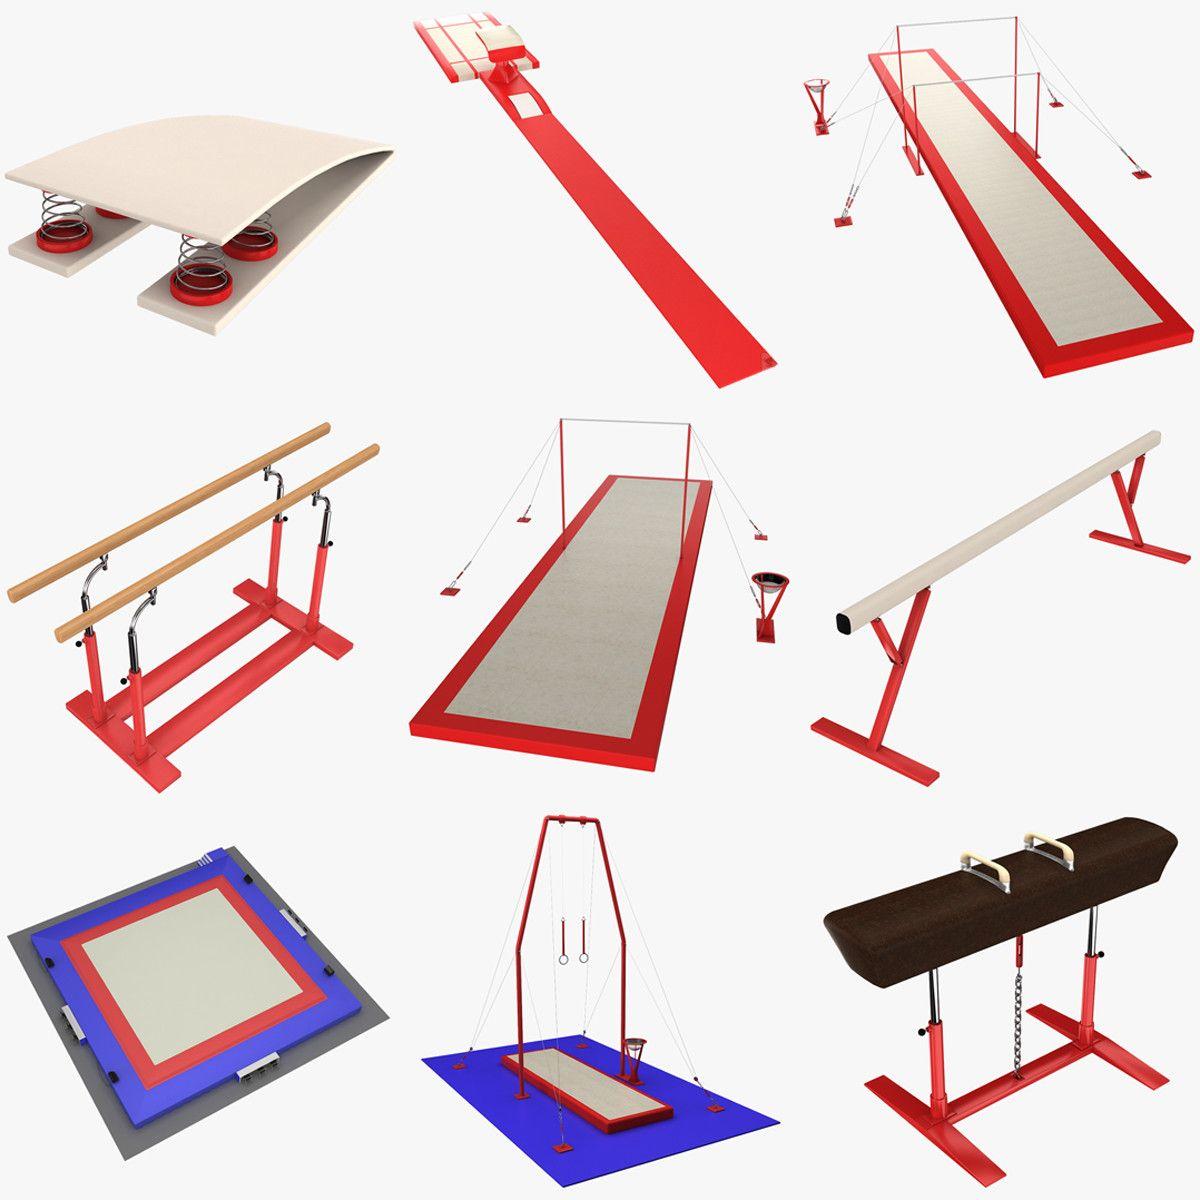 Gymnastics Equipment 3d Model Gymnastics Equipment Gymnastics